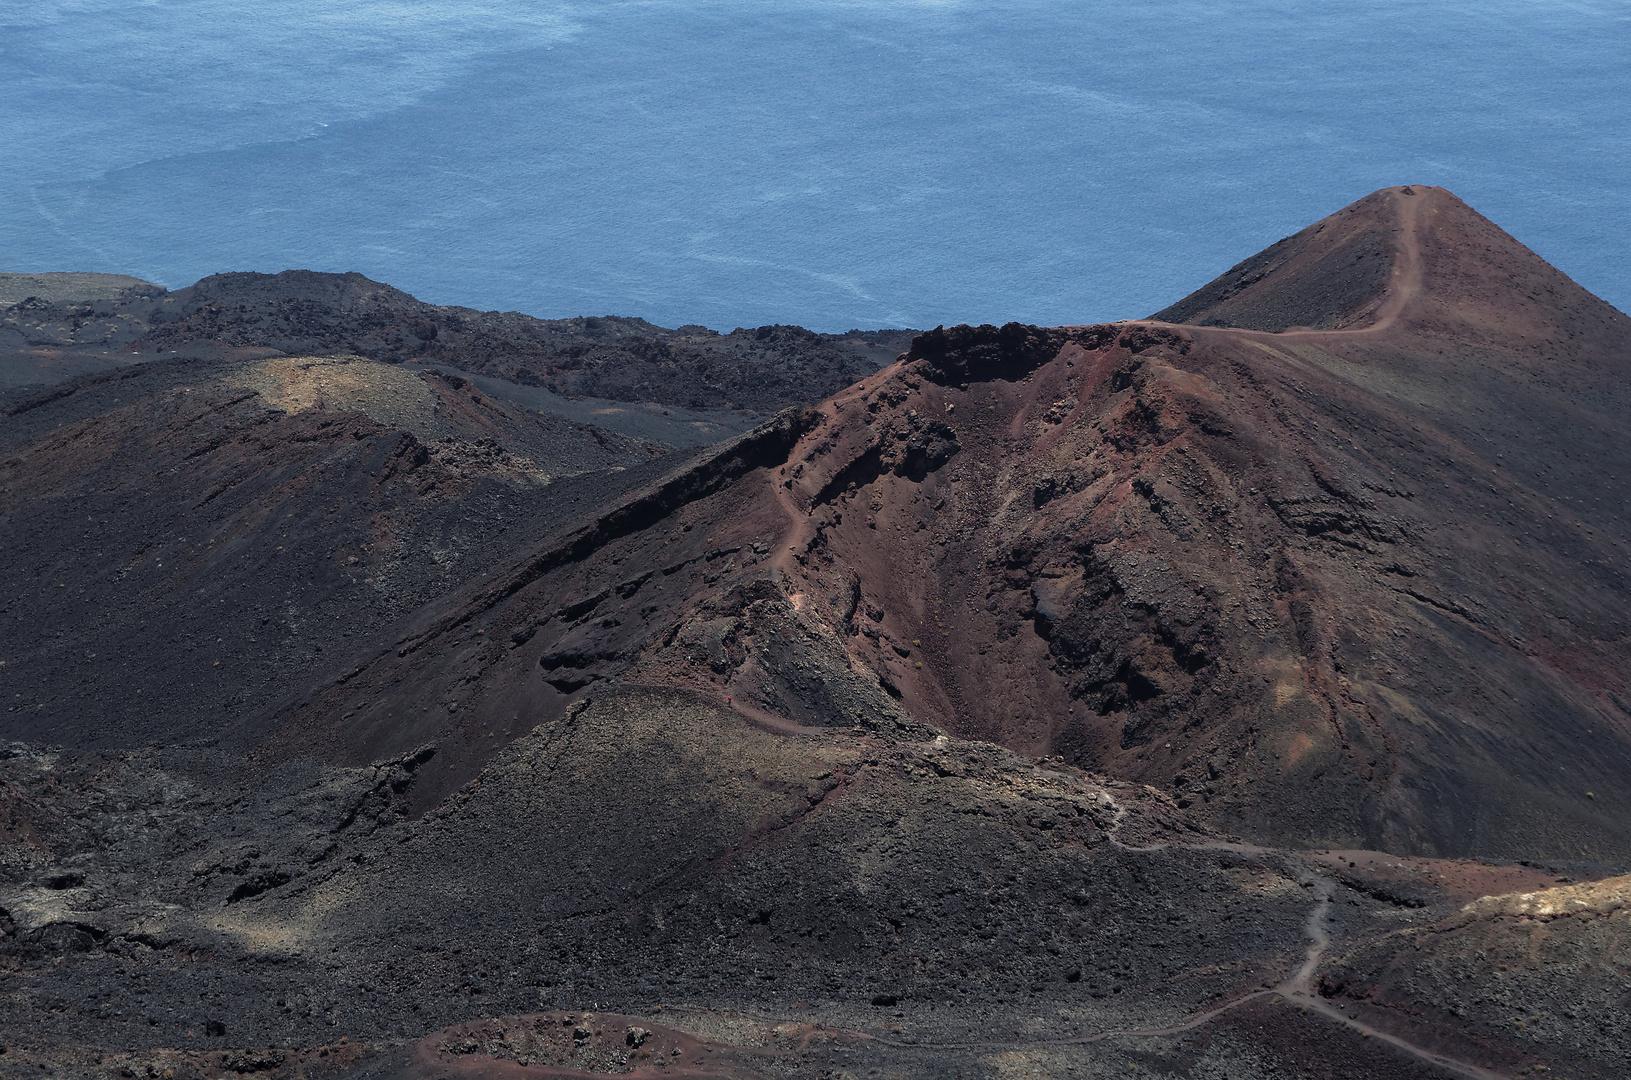 Blick vom San Antonio auf den Vulkan Teneguia, La Palma, Mai 2012